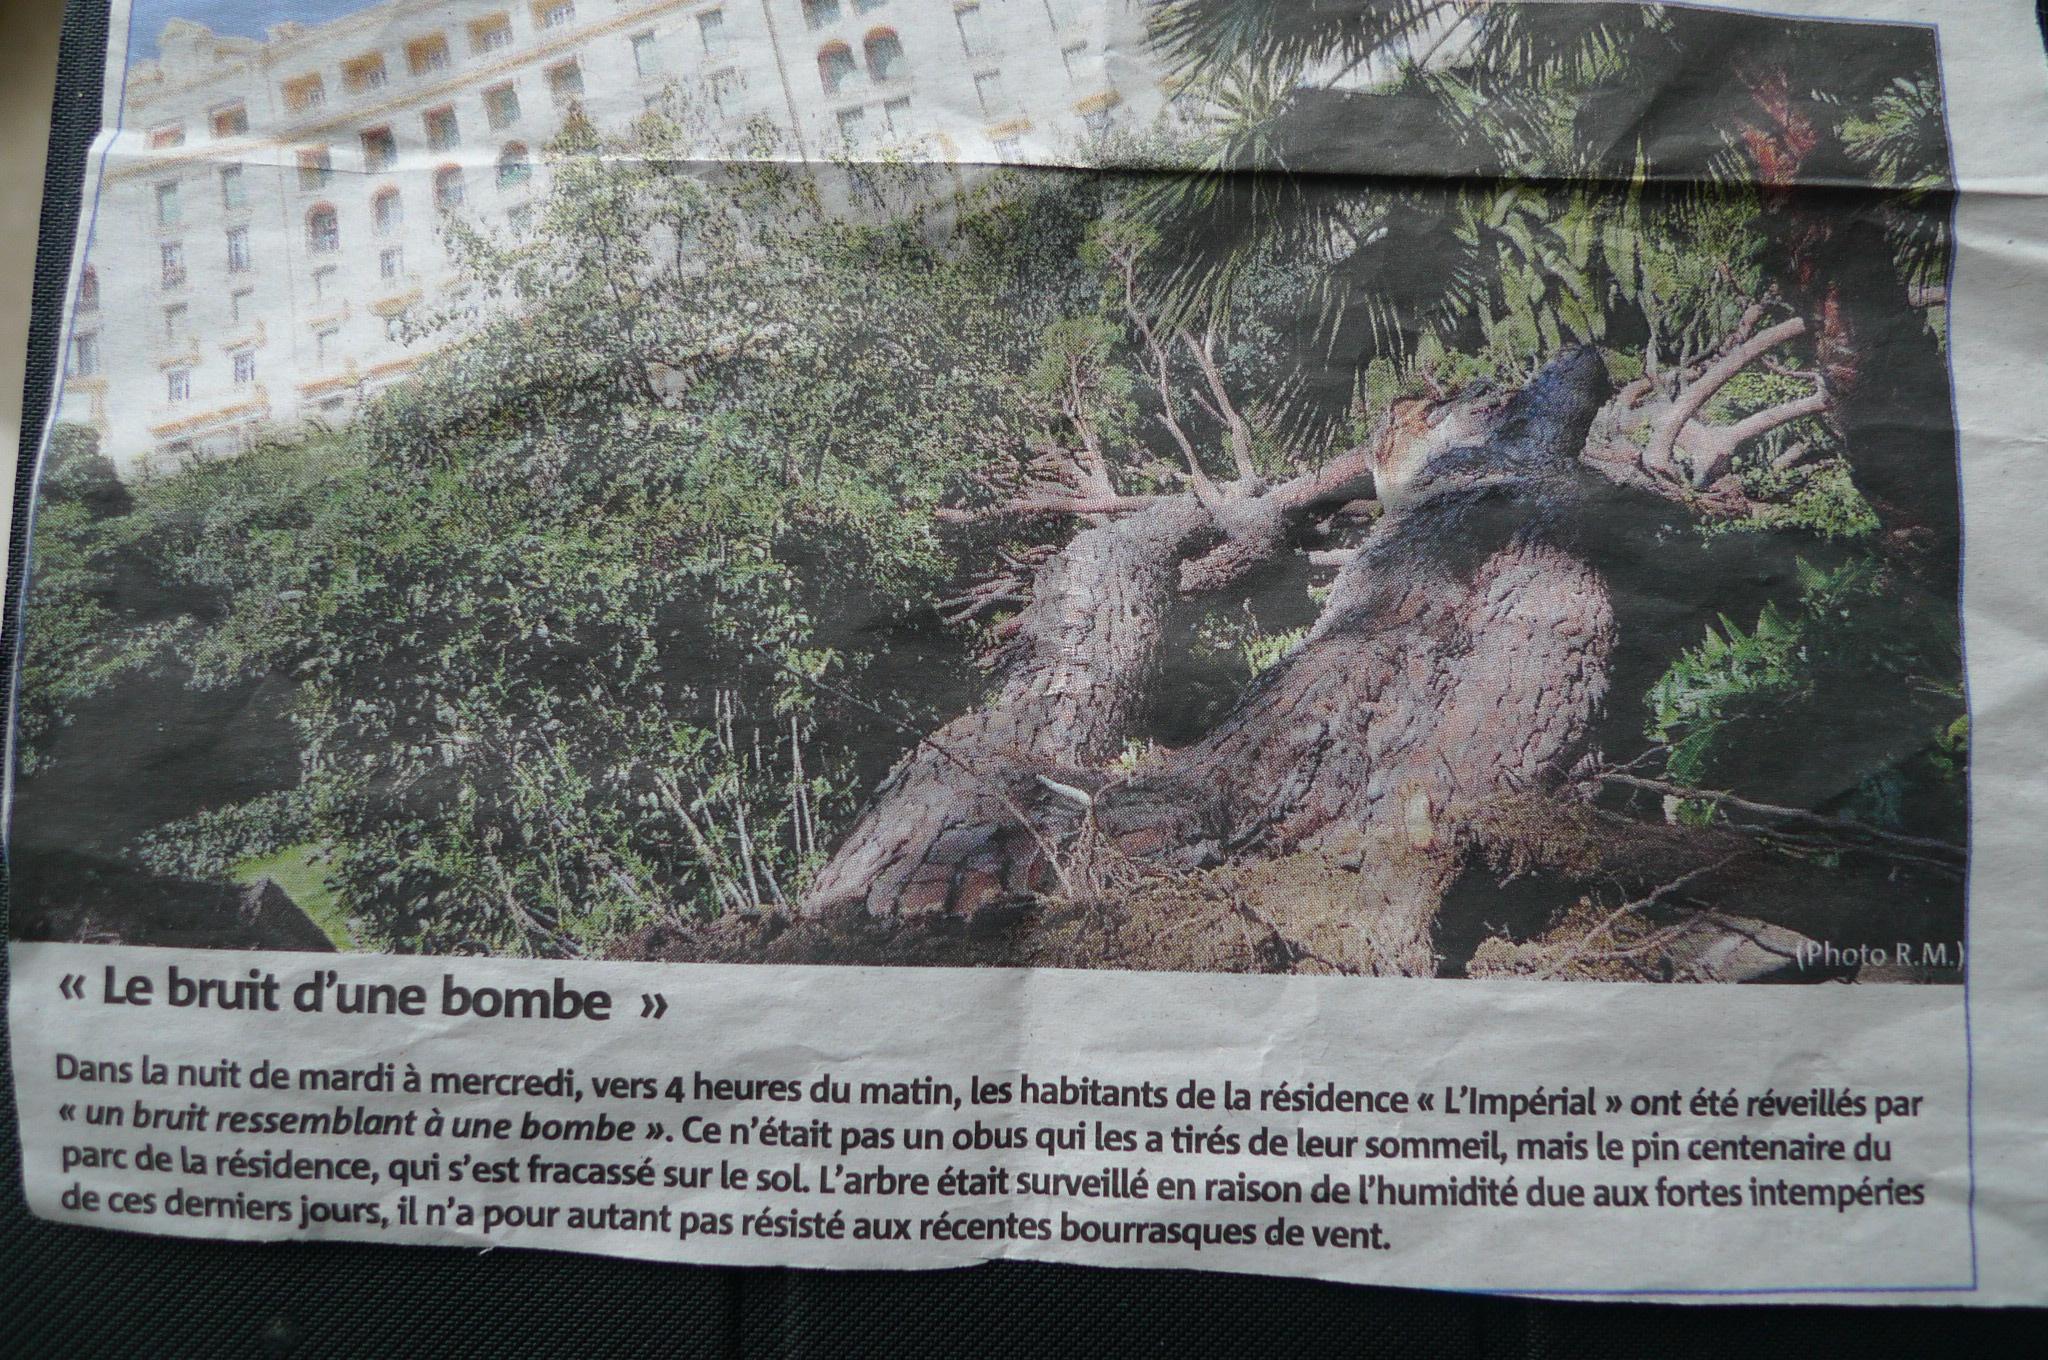 Article de nice matin sur la chute du pin maritime dans le parc de l